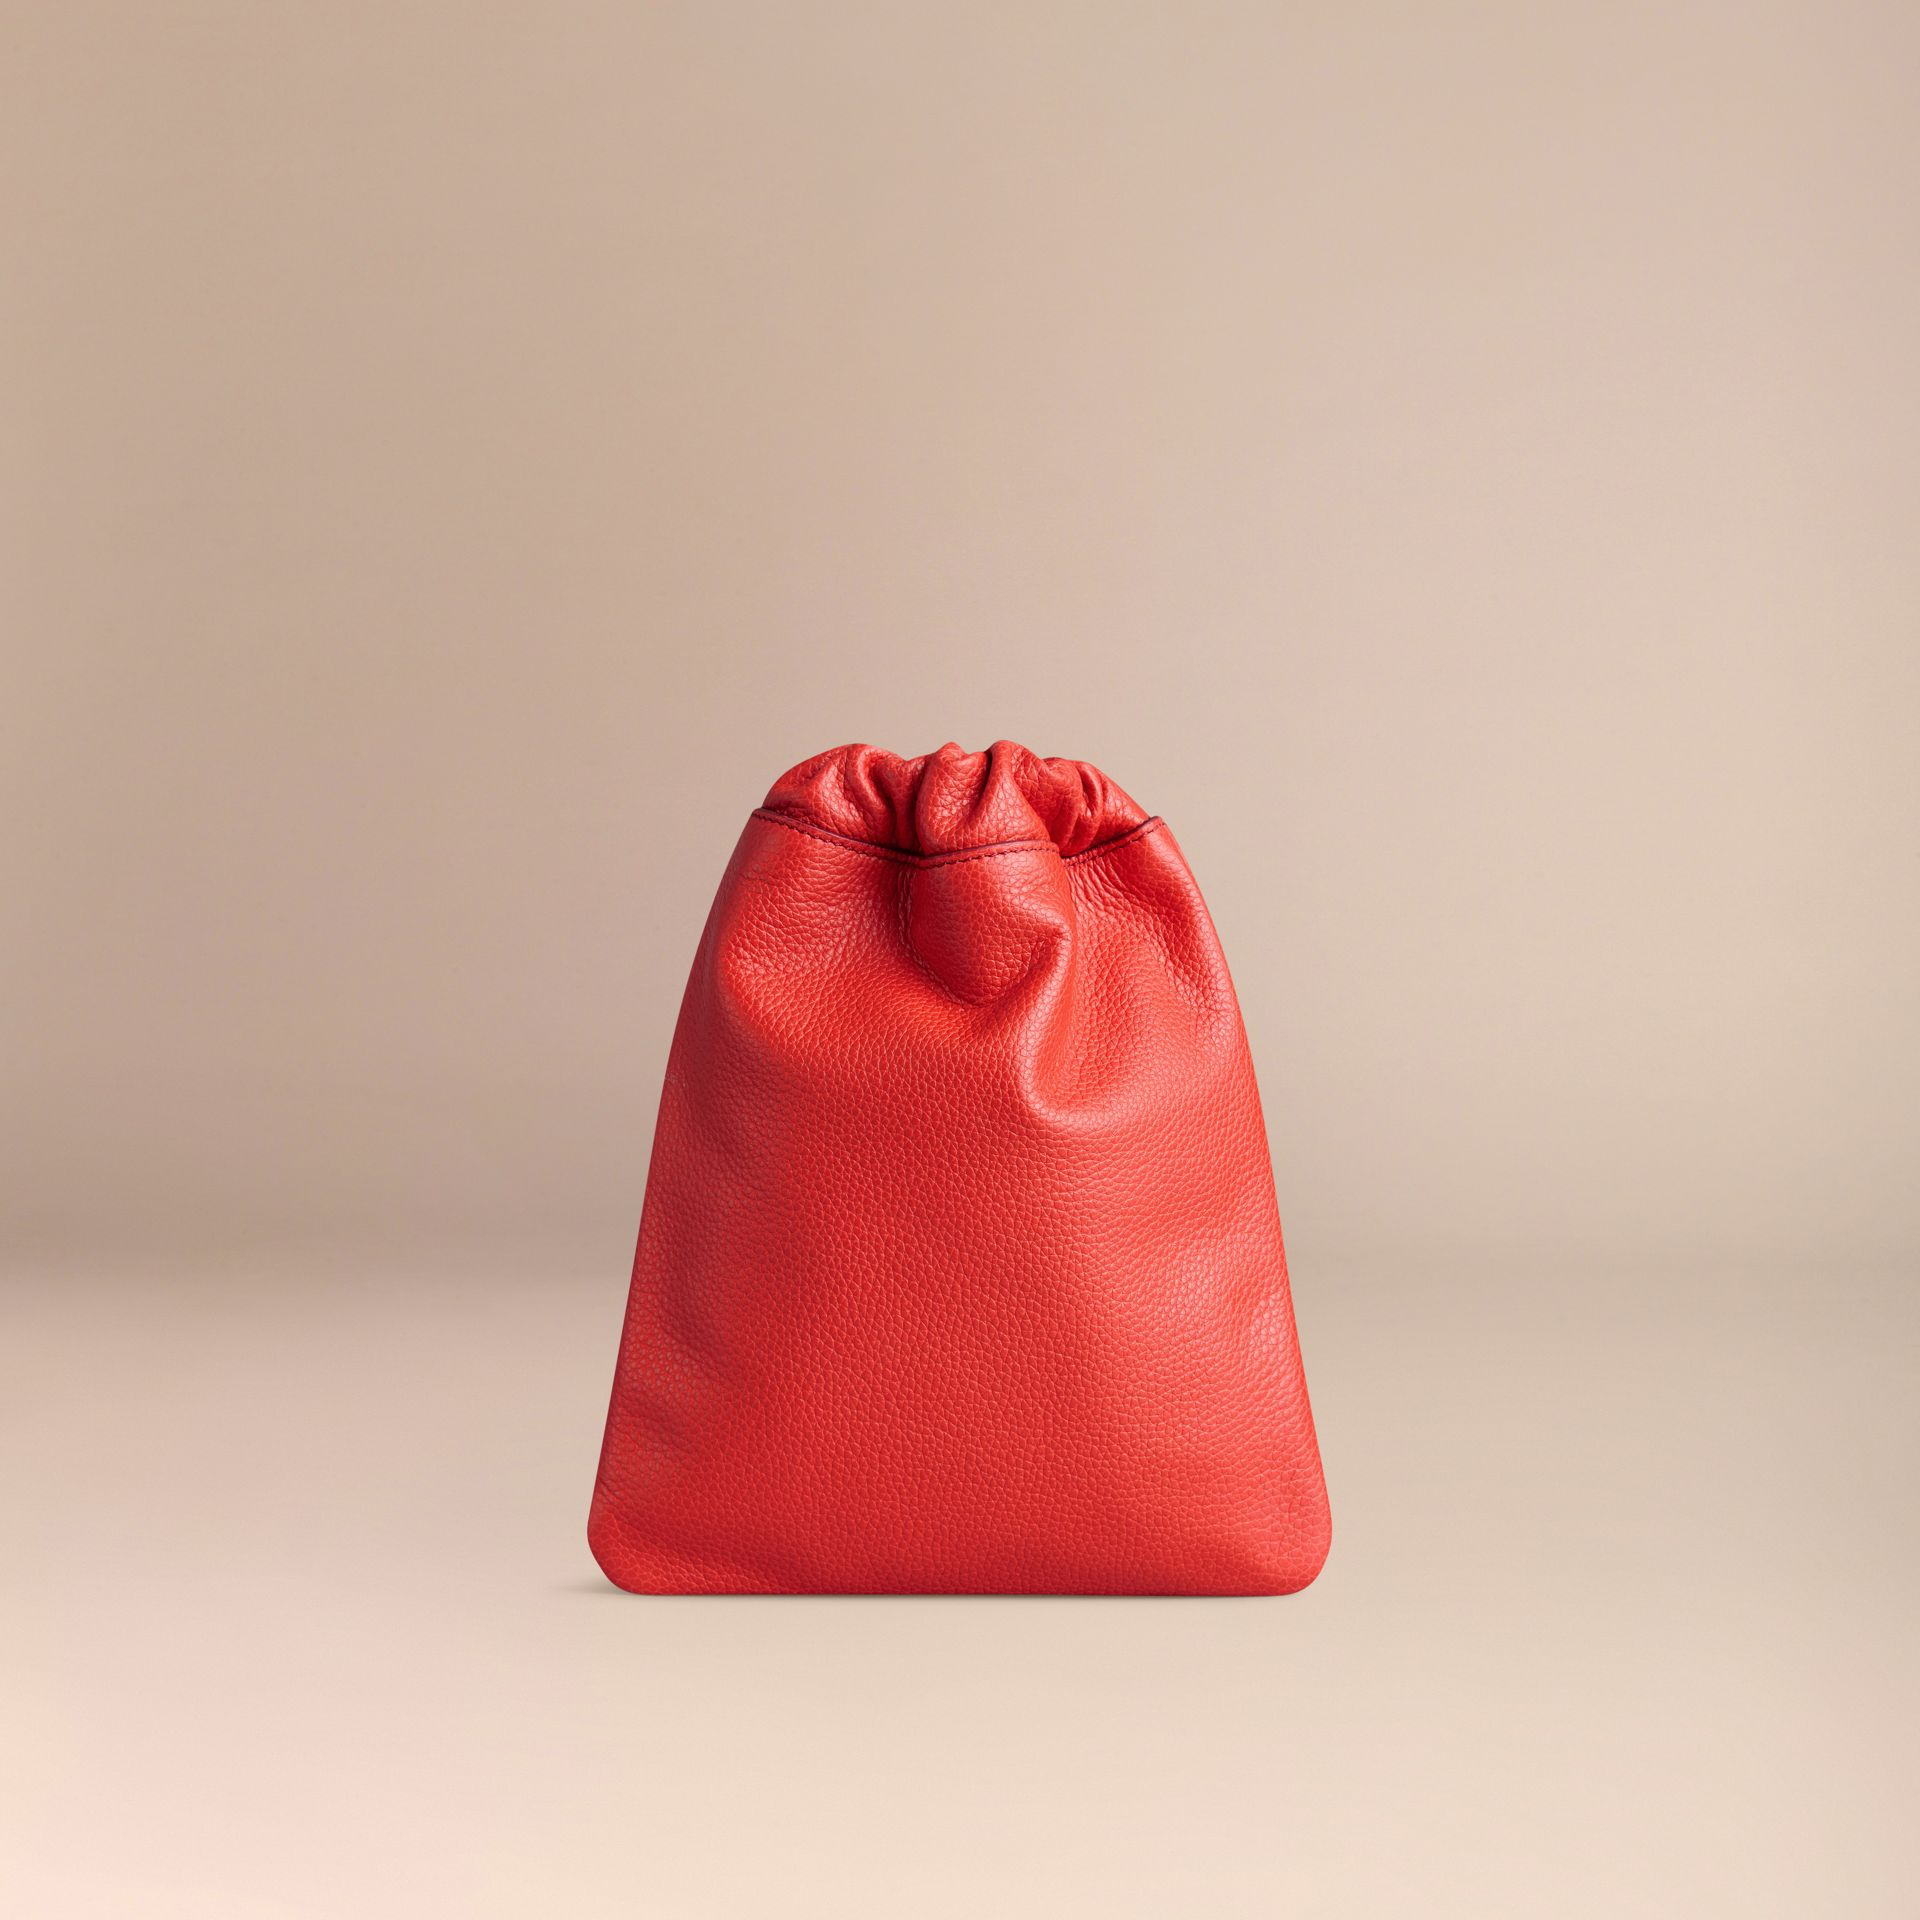 Rosso arancione Pochette in pelle a grana con coulisse Rosso Arancione - immagine della galleria 4